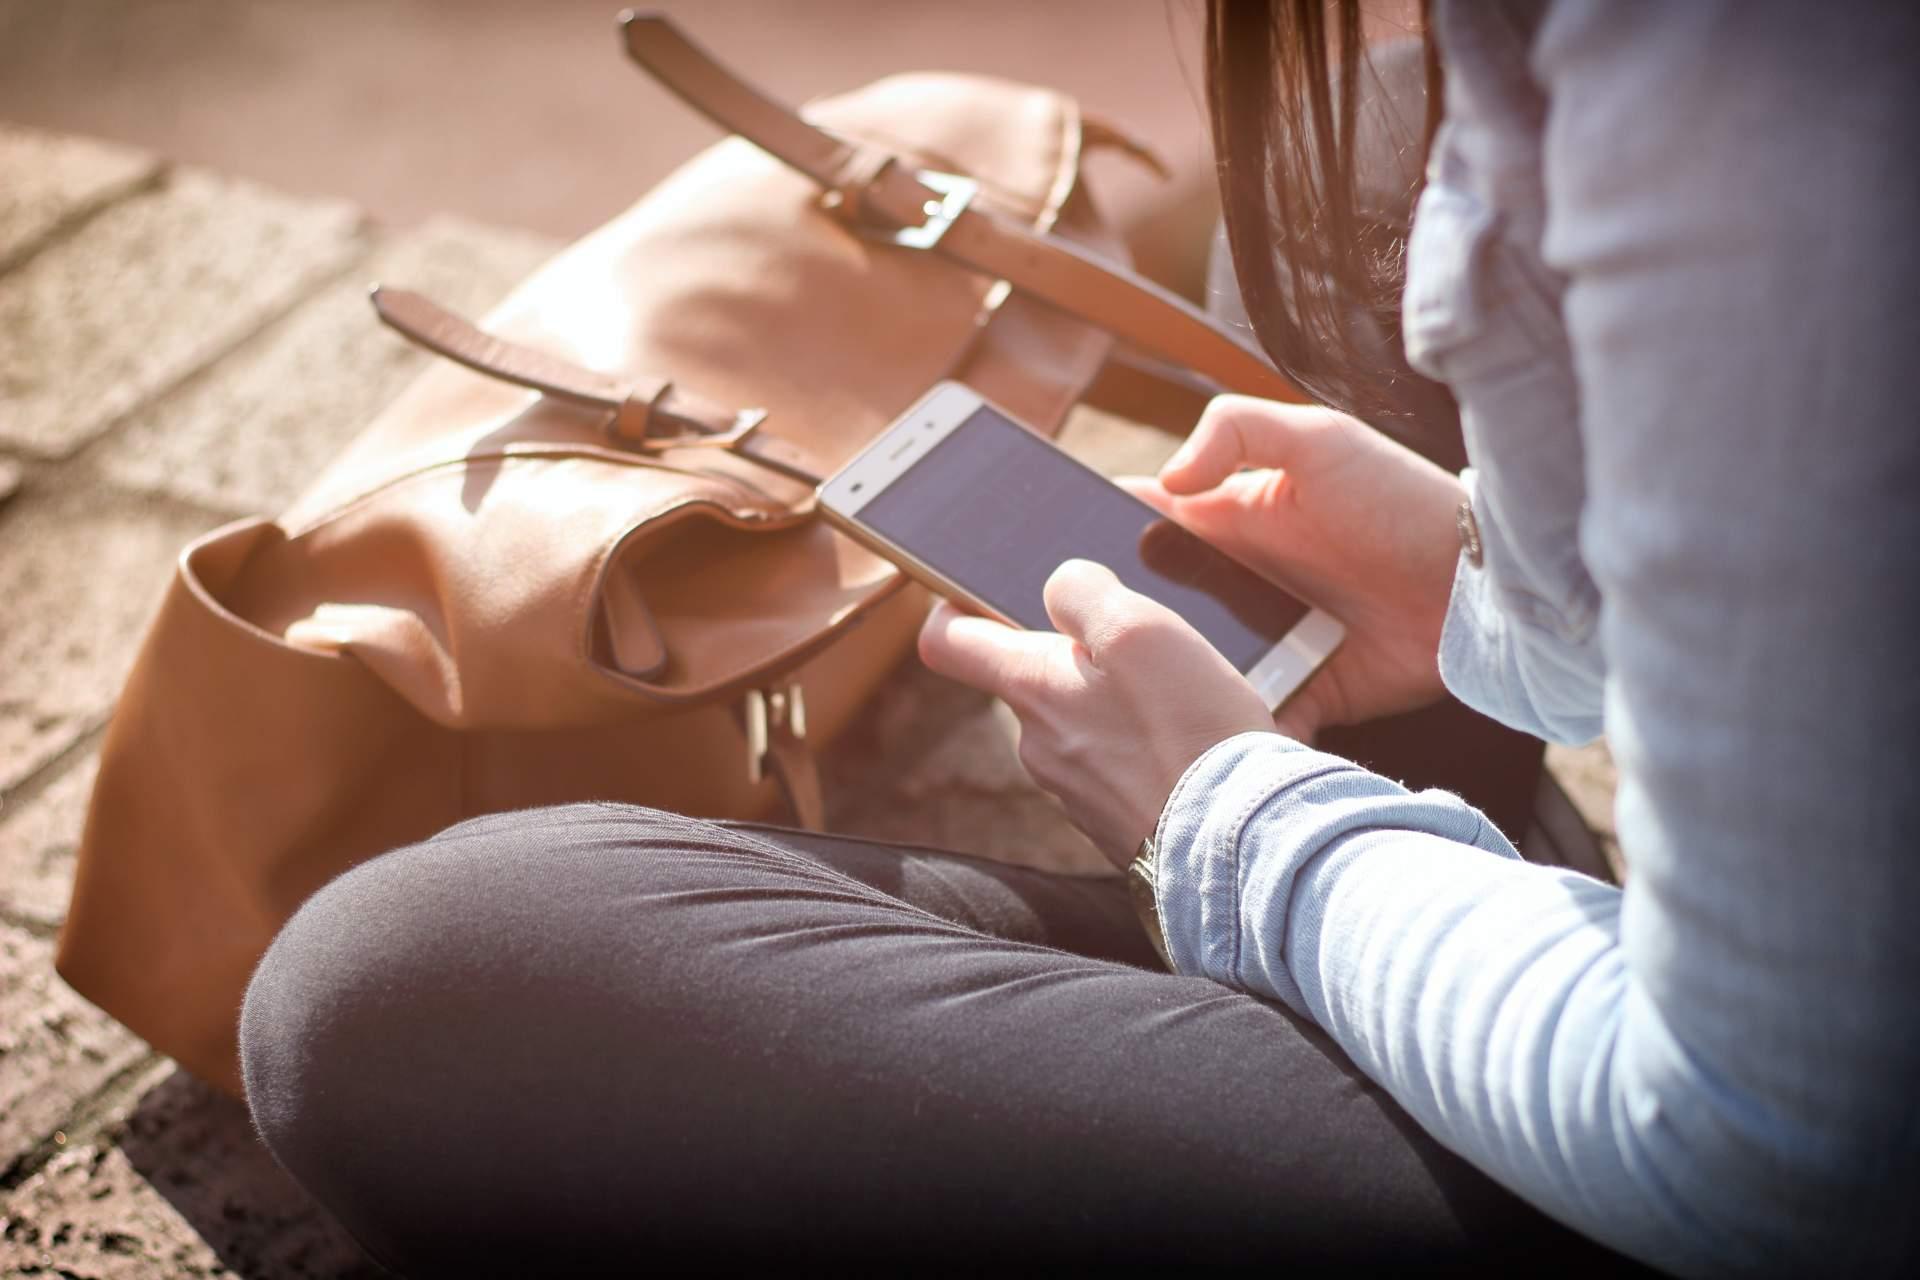 Wer länger im Ausland ist, muss aufpassen. (Bild: Pexels.com)